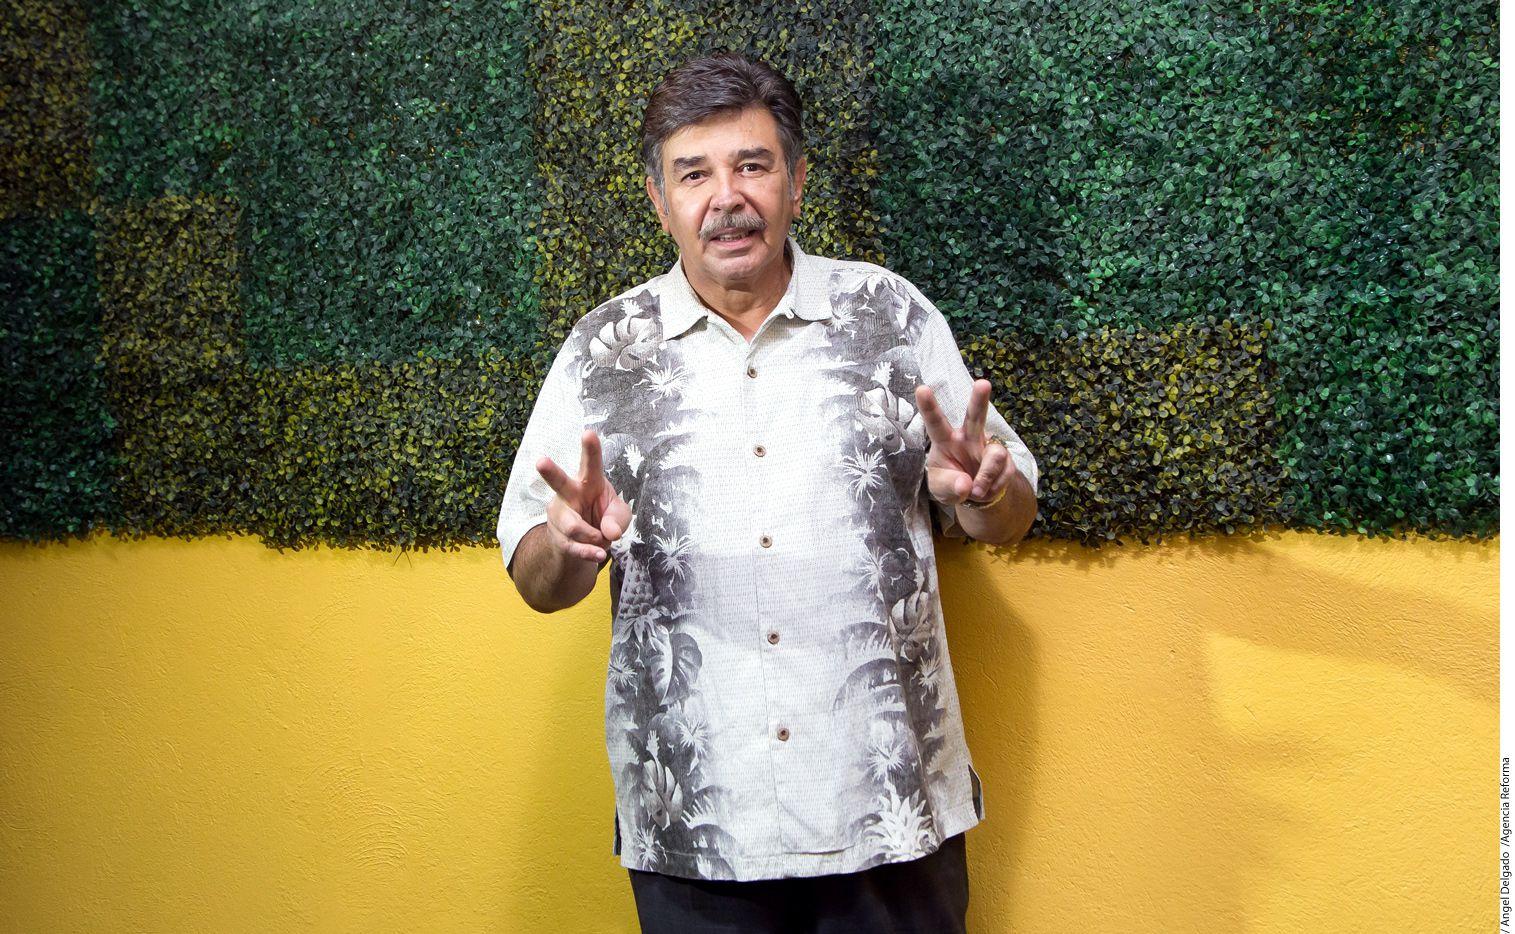 El comediante Jorge Ortiz de Pinedo se refirió a los migrantes que se suben al tren la Bestia en busca del sueño americano./AGENCIA REFORMA